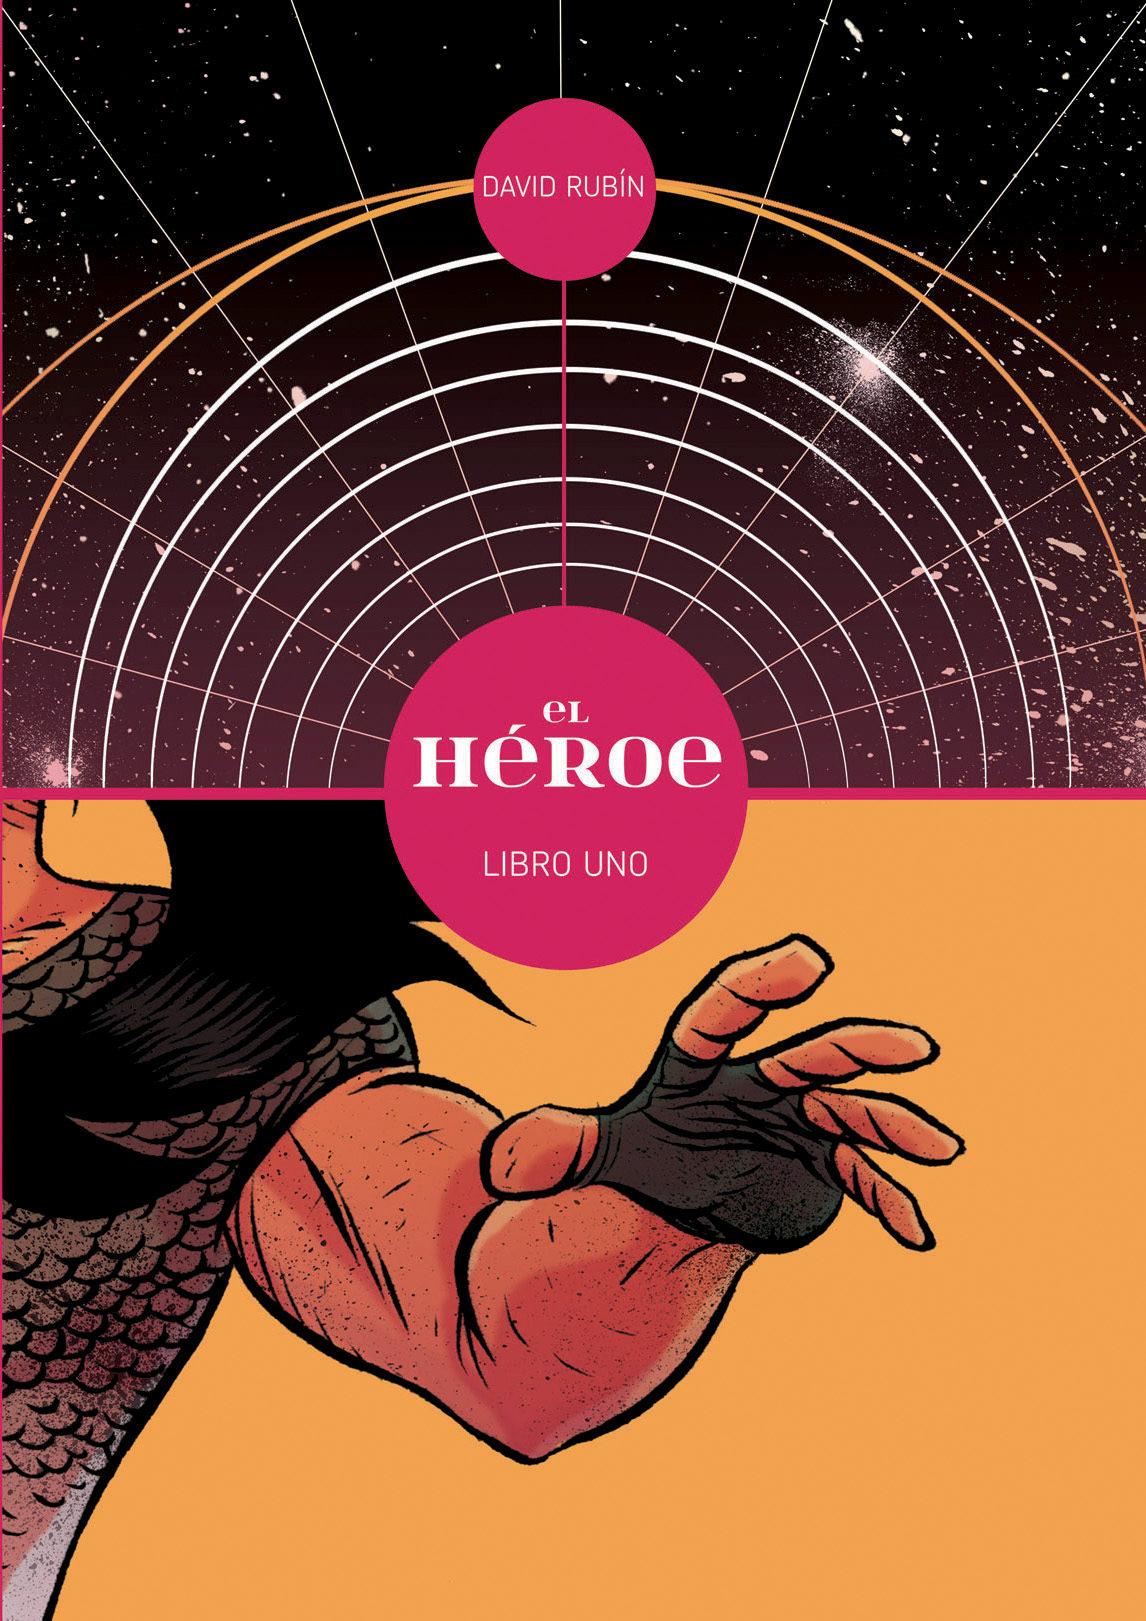 el heroe. libro 1-david rubin-9788415163114